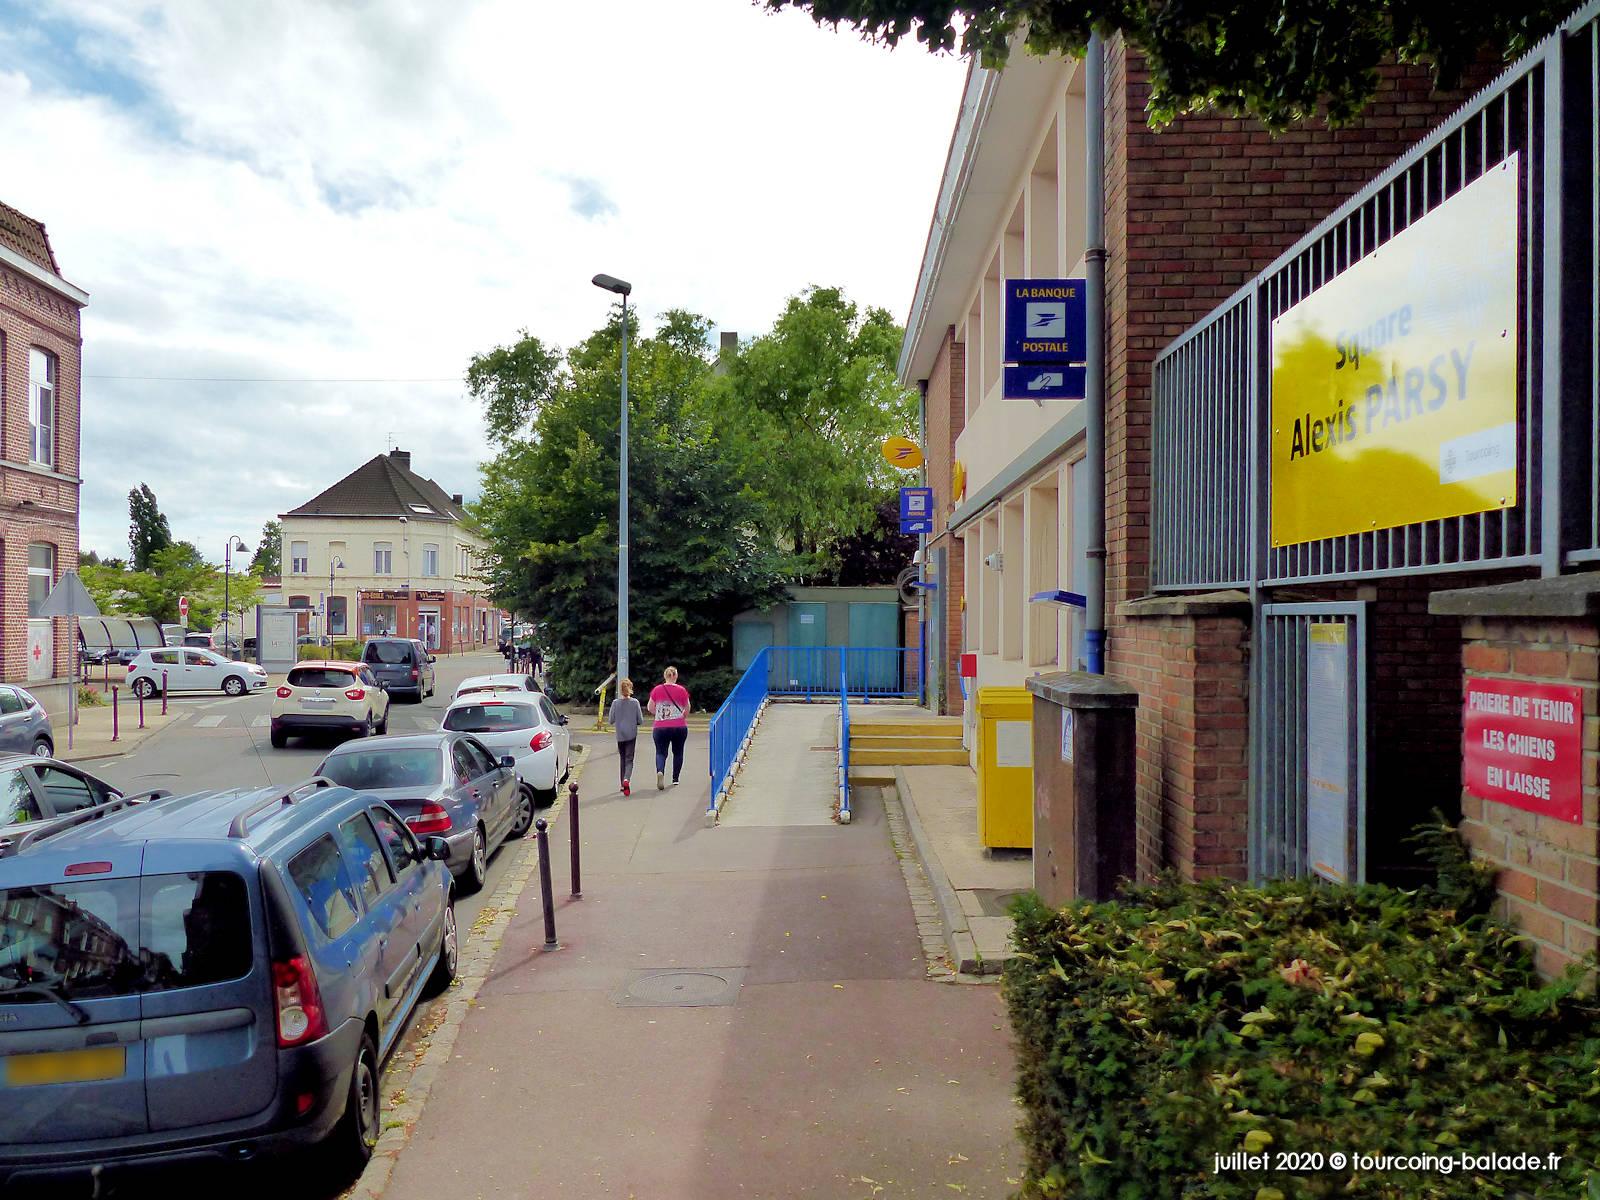 Rue de la Croix-Rouge, Tourcoing 2020